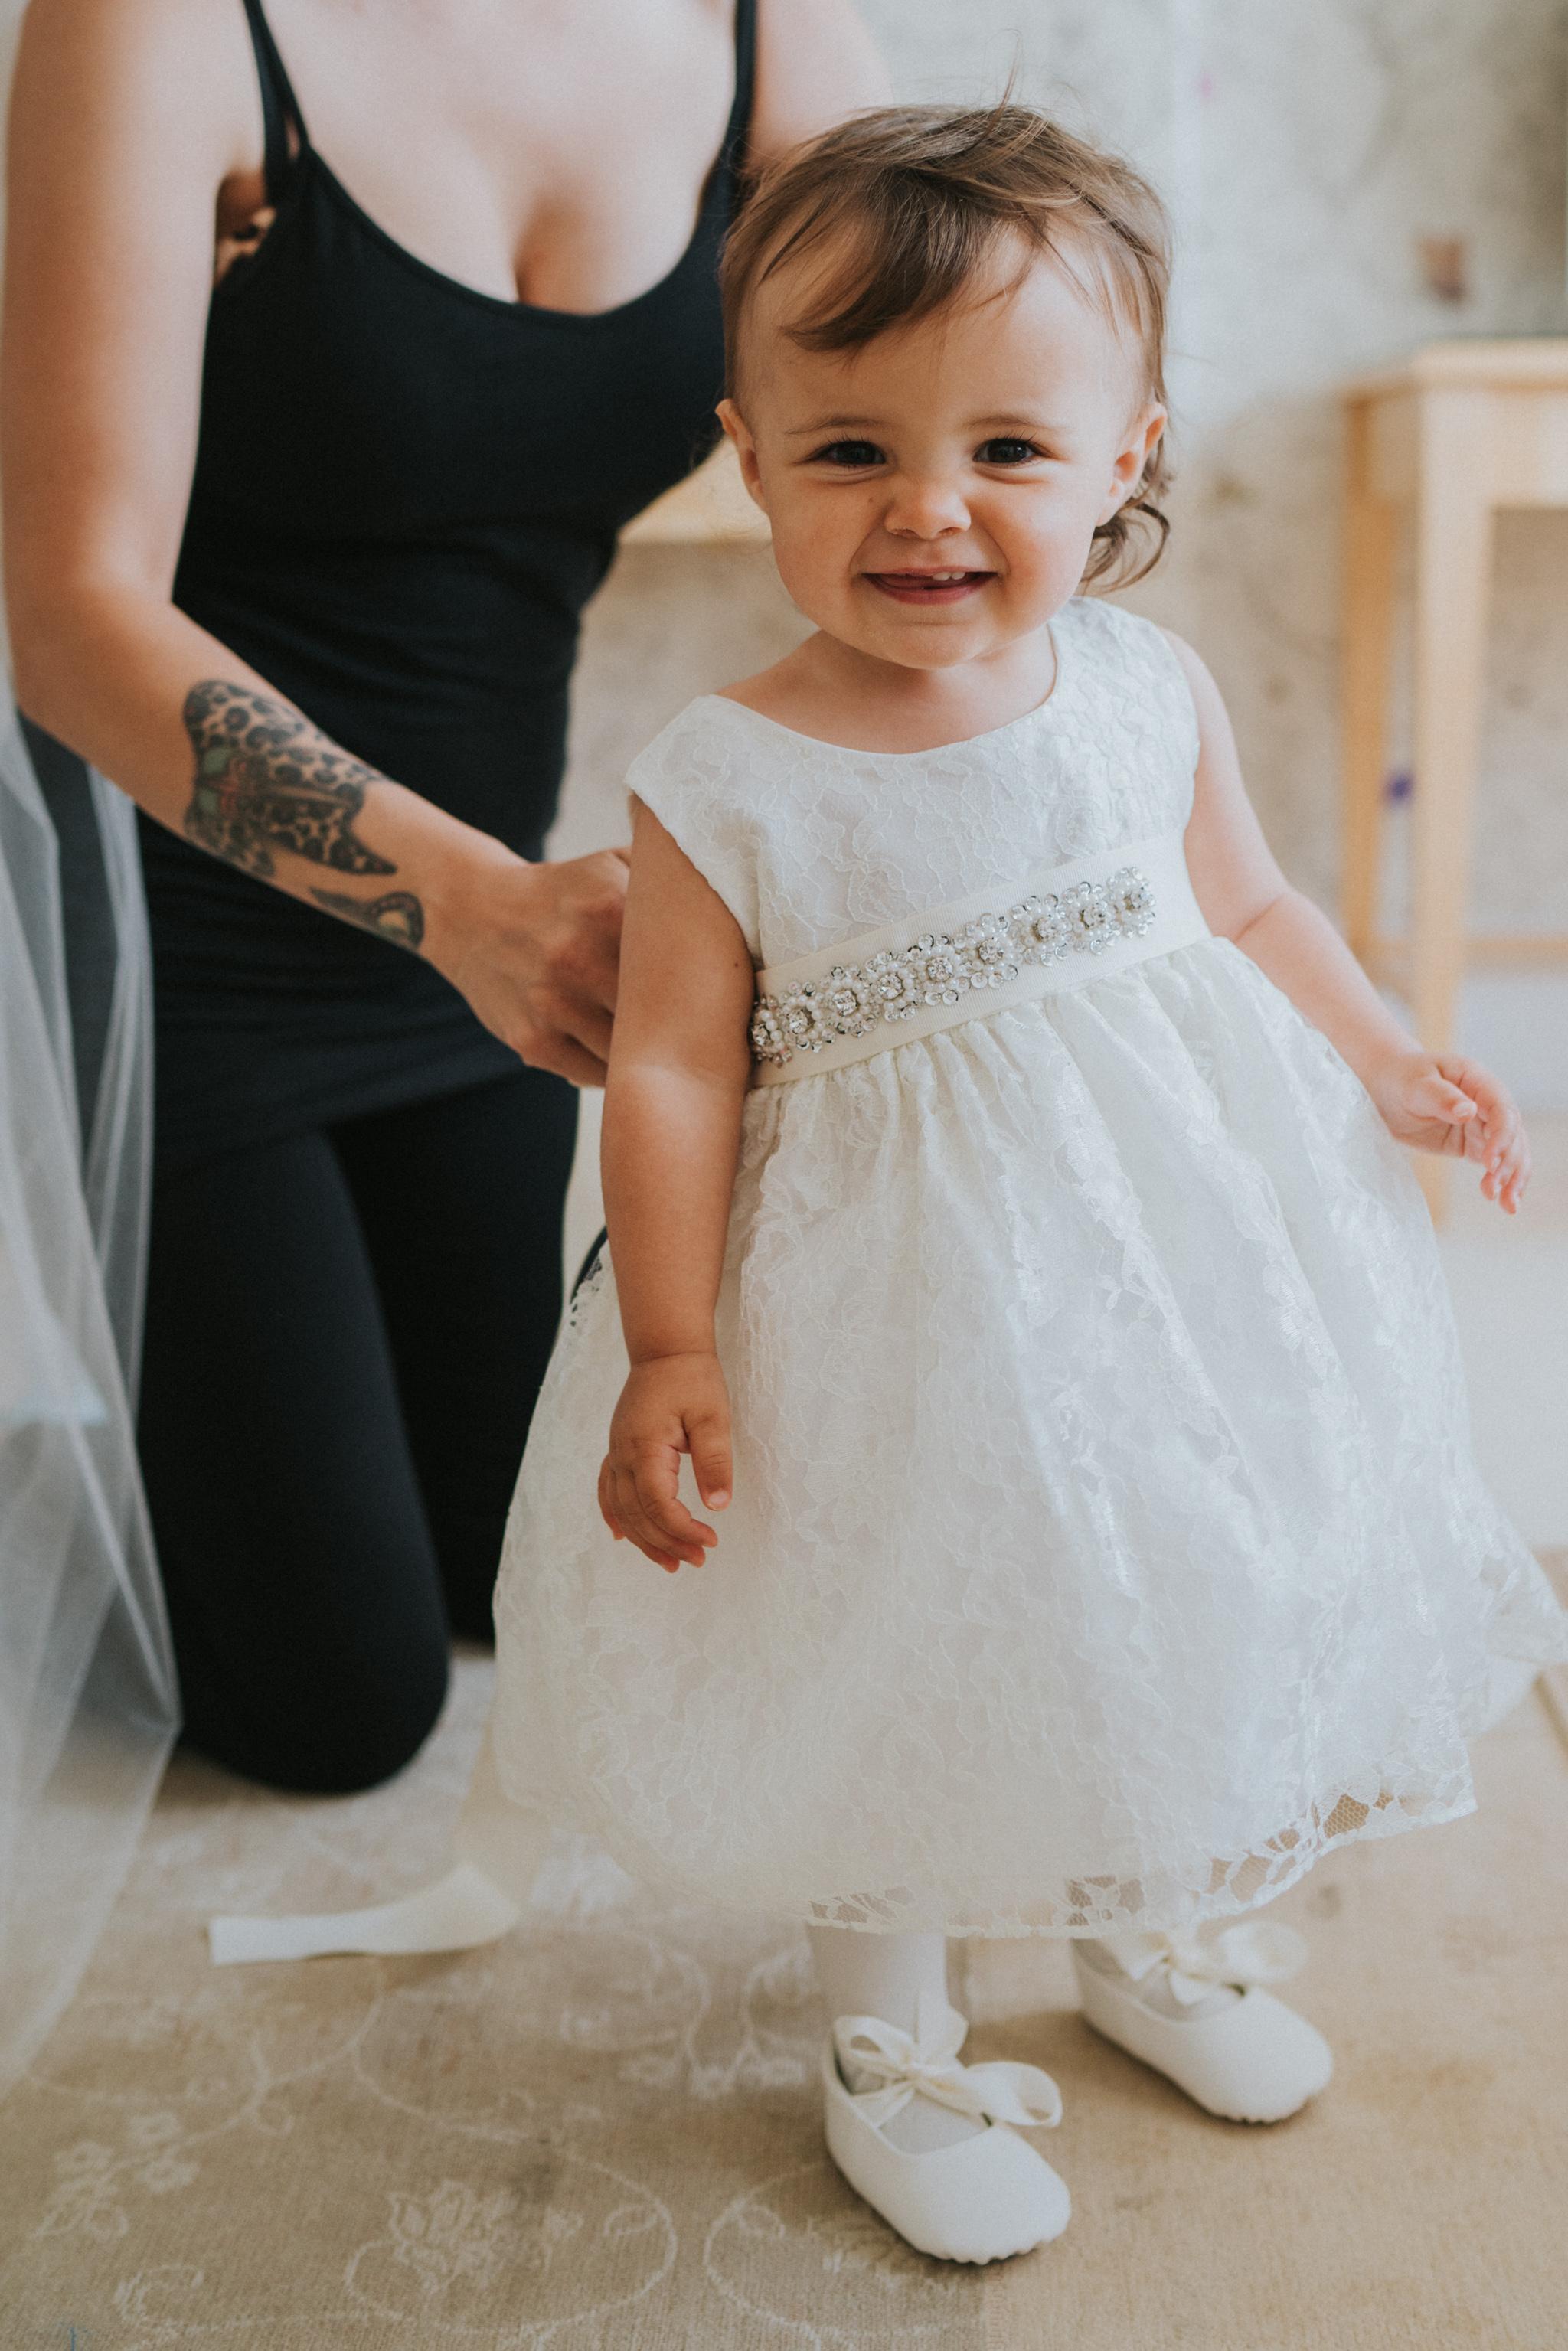 tess-adam-colchester-intimate-elopement-grace-elizabeth-colchester-essex-alternative-wedding-lifestyle-photographer-essex-suffolk-norfolk-devon (6 of 20).jpg